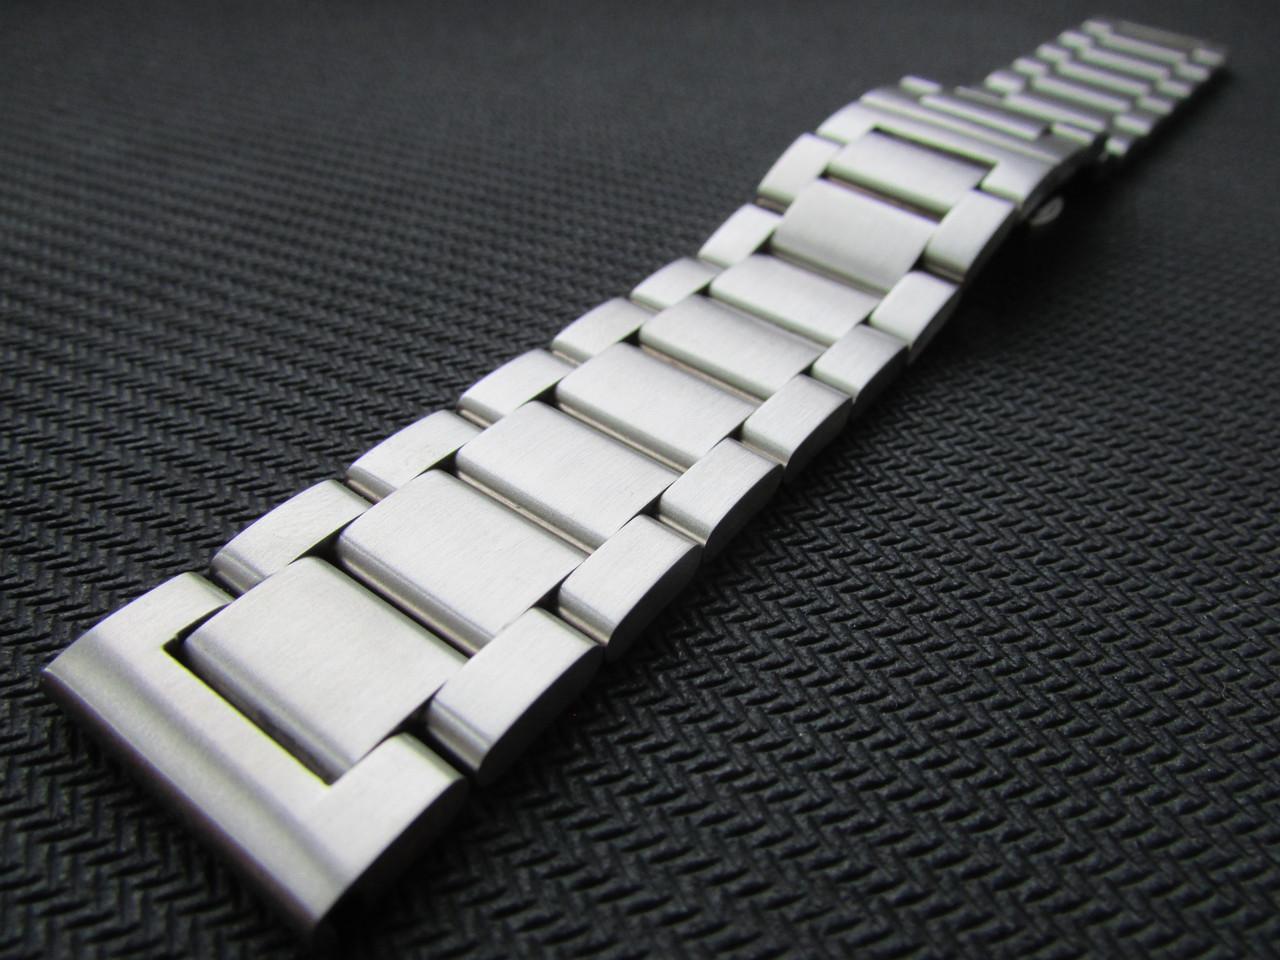 Браслет для часов из нержавеющей стали 316L, литой, мат. 20 мм